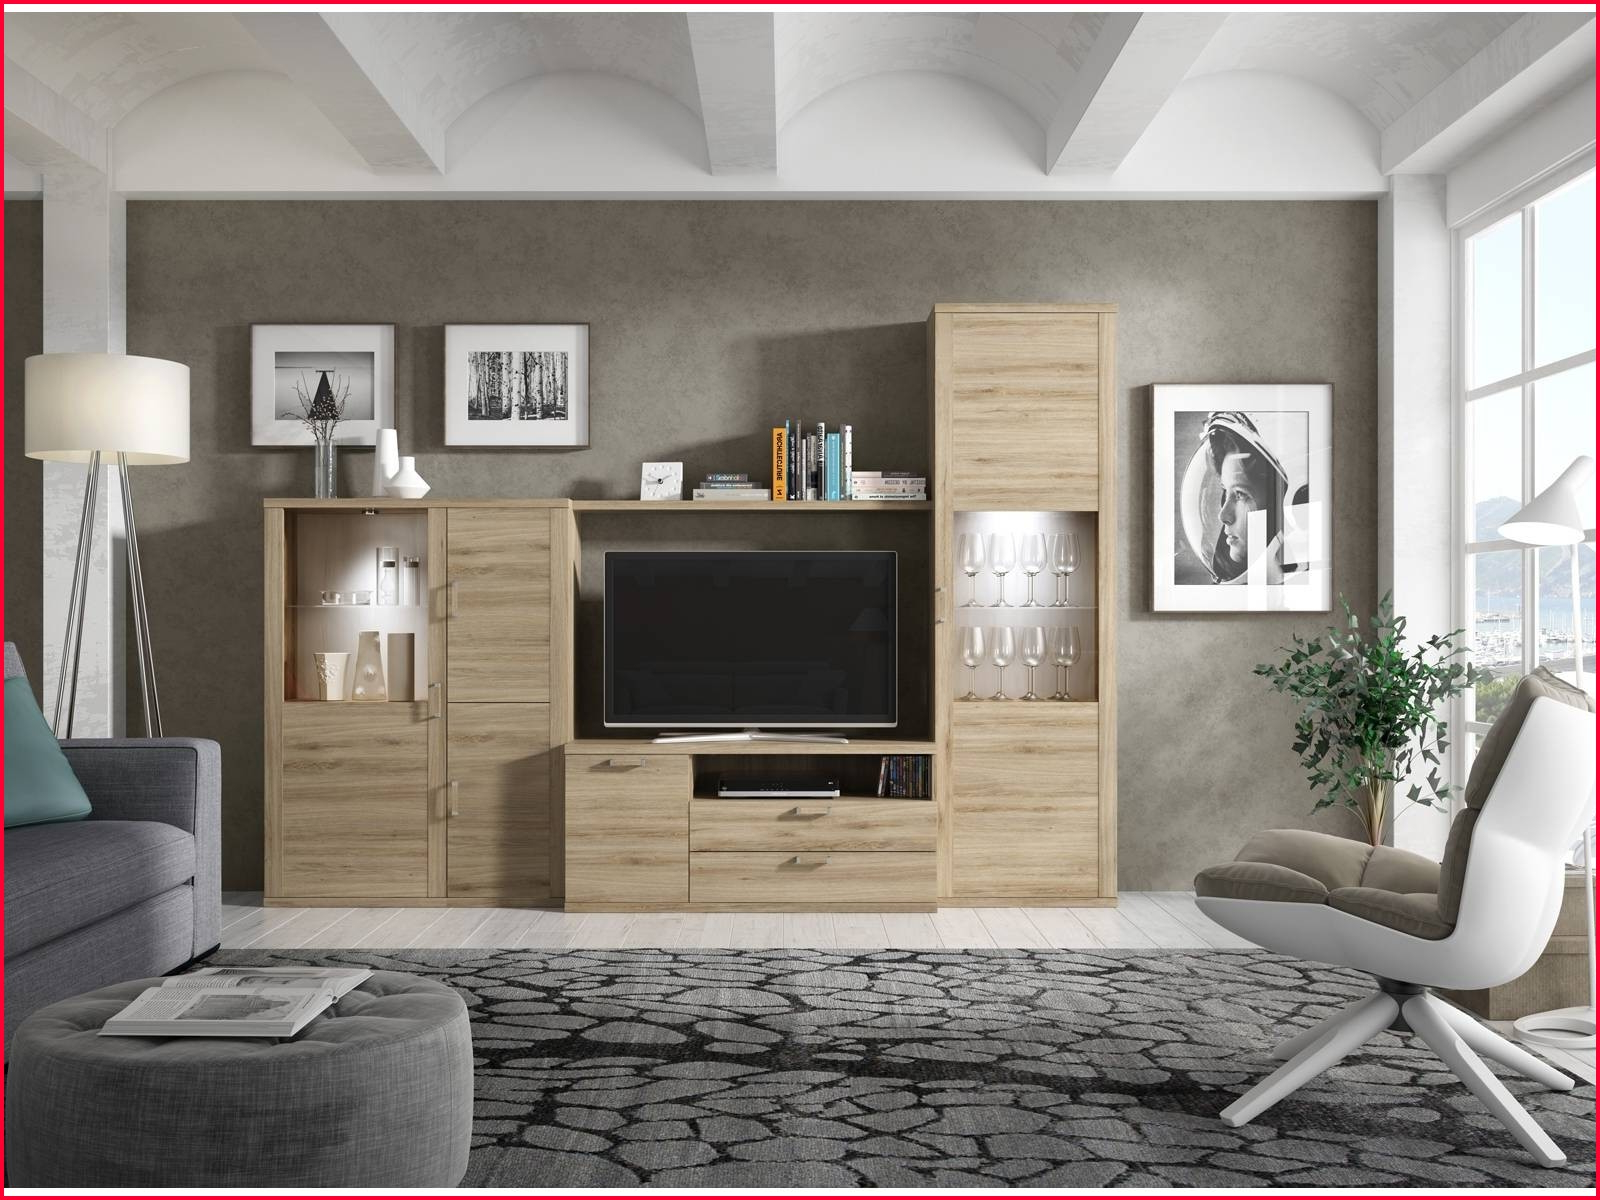 Muebles De Salon Merkamueble Xtd6 Muebles De Salon Merkamueble Muebles De Salon Merkamueble